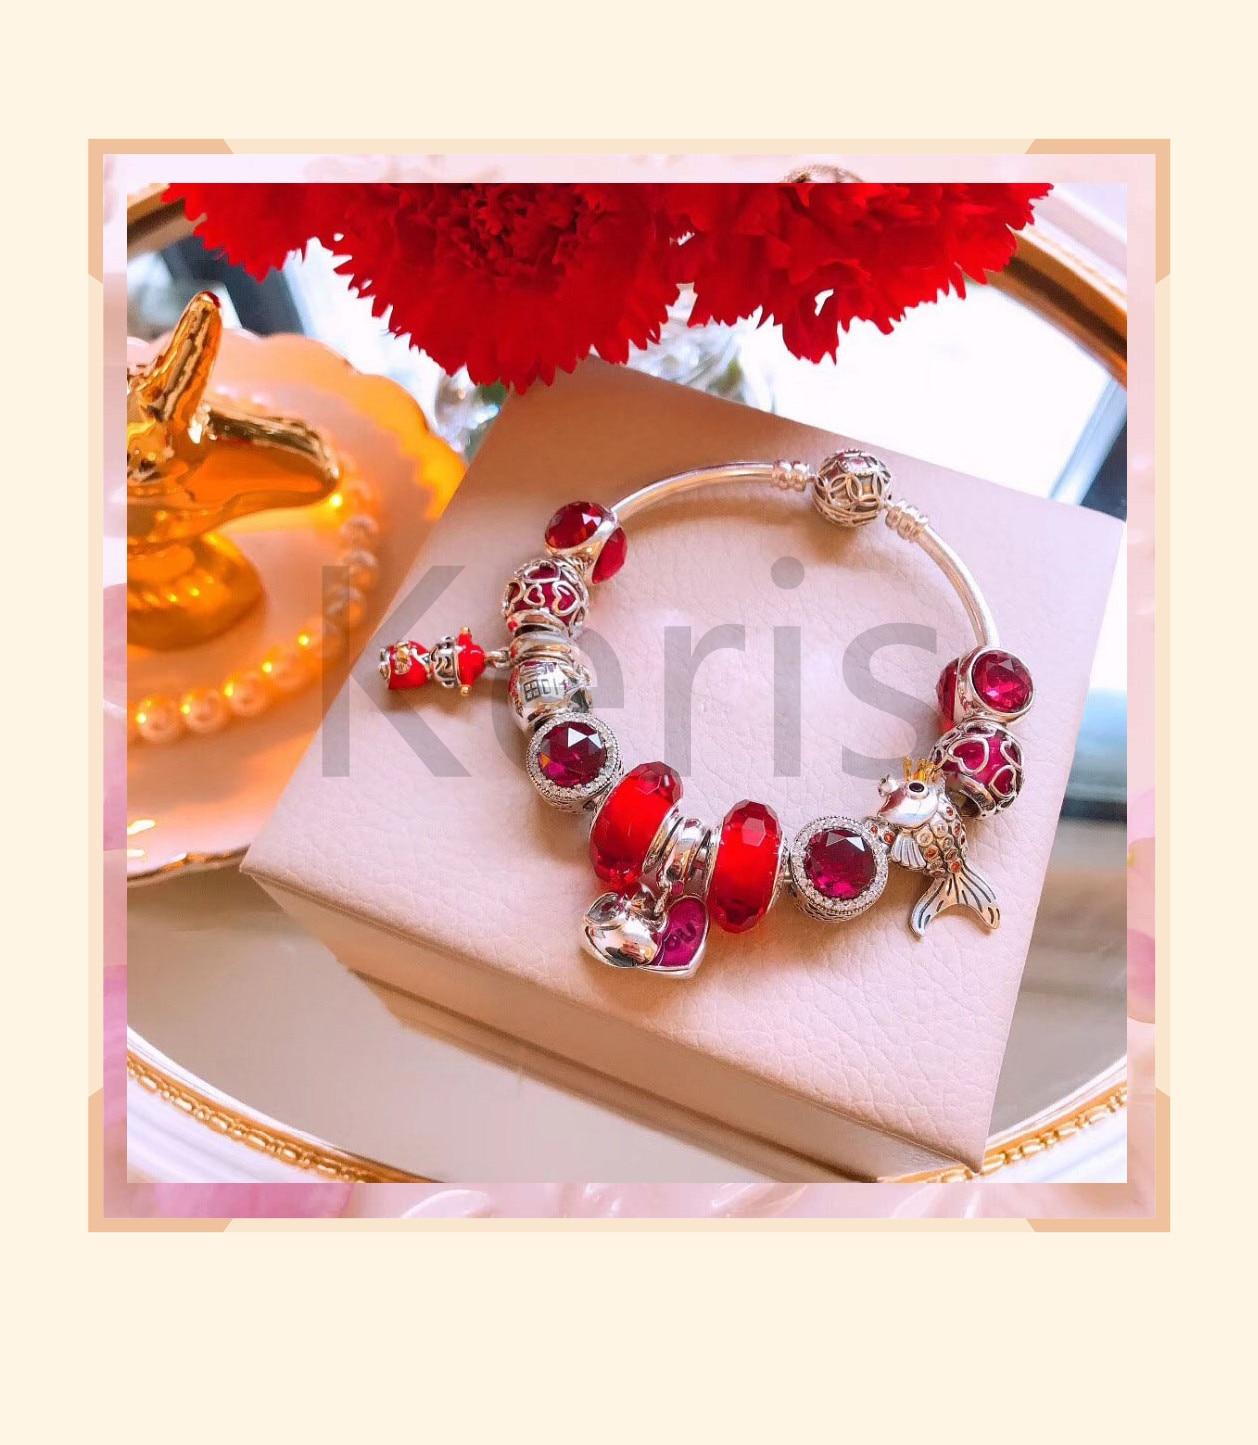 Reproducción de alta calidad 11 100% 925 encanto de plata pura cuentas de esmalte rojo diseño de carpa pulsera envío gratis